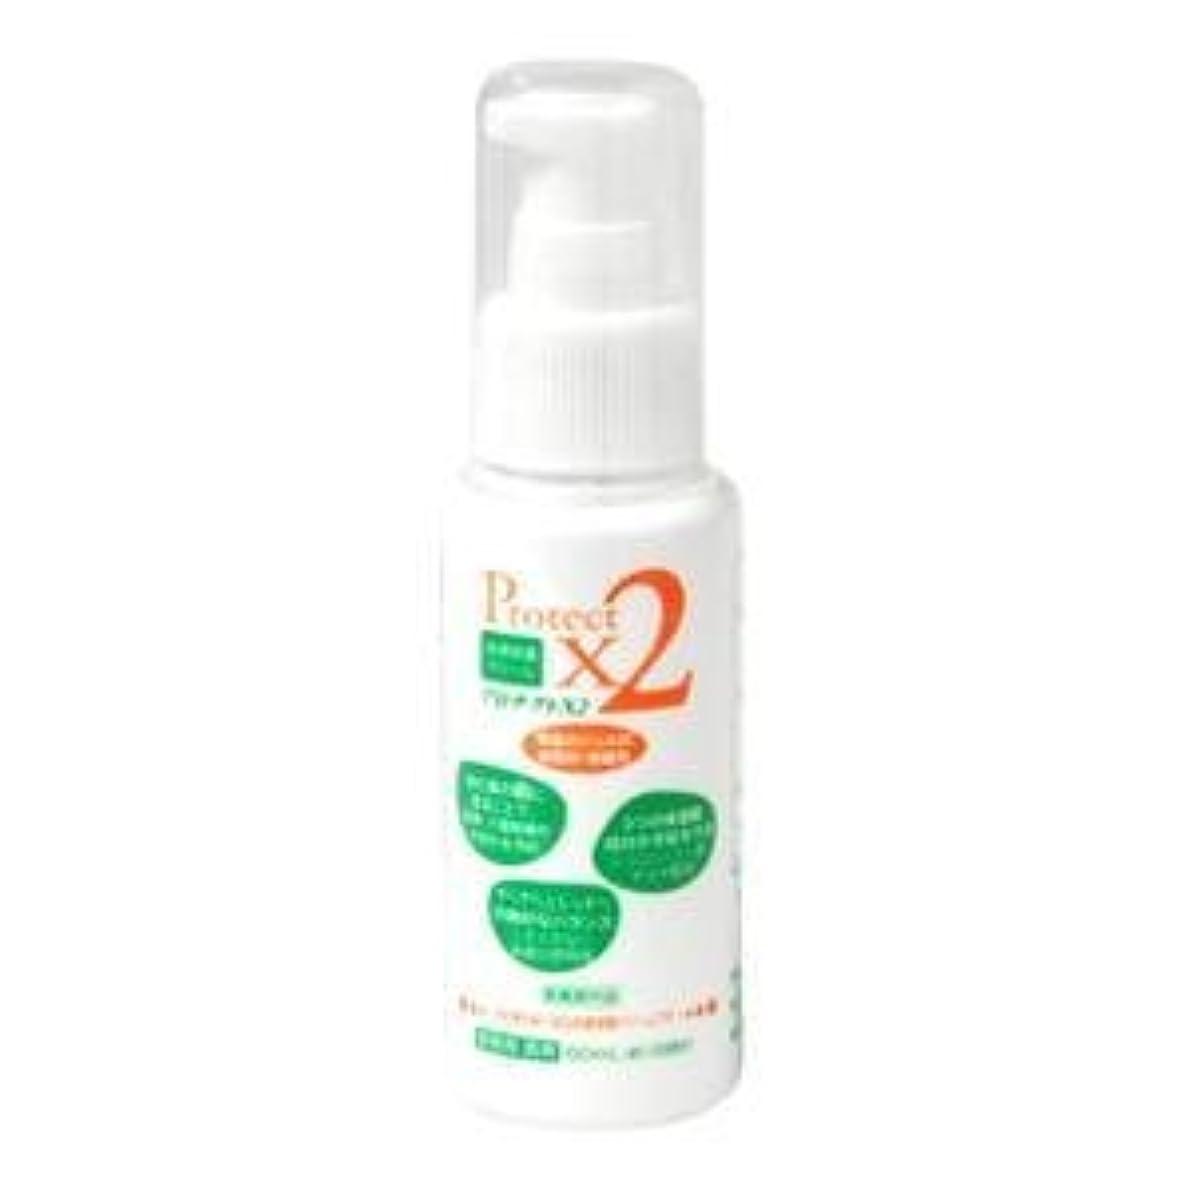 赤外線生きる香水【敏感肌用/手荒れがひどい方に】 プロテクトX2  お肌を保護する高機能クリーム (60ml)